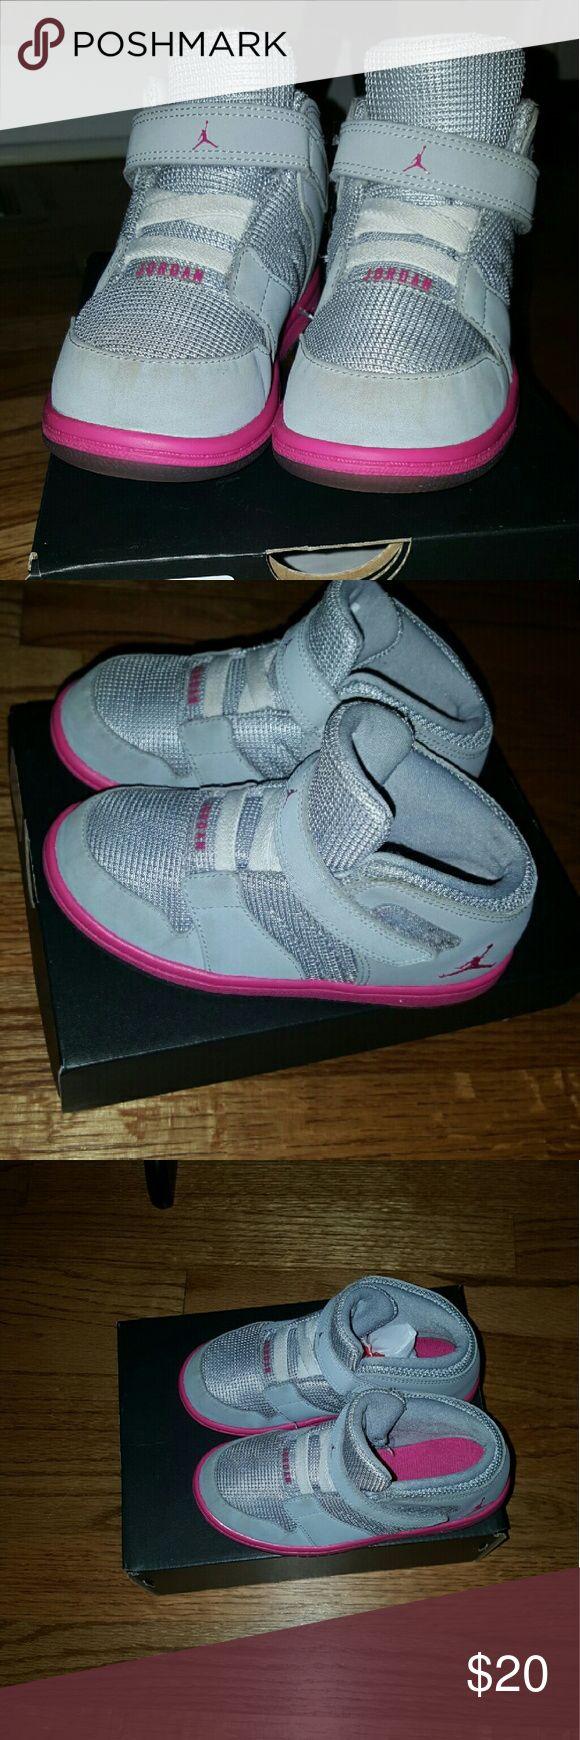 Jordan 1 Flight 4 Prem GT Toddler 10 Pink and Gray Jordan Flights Jordan Shoes Sneakers